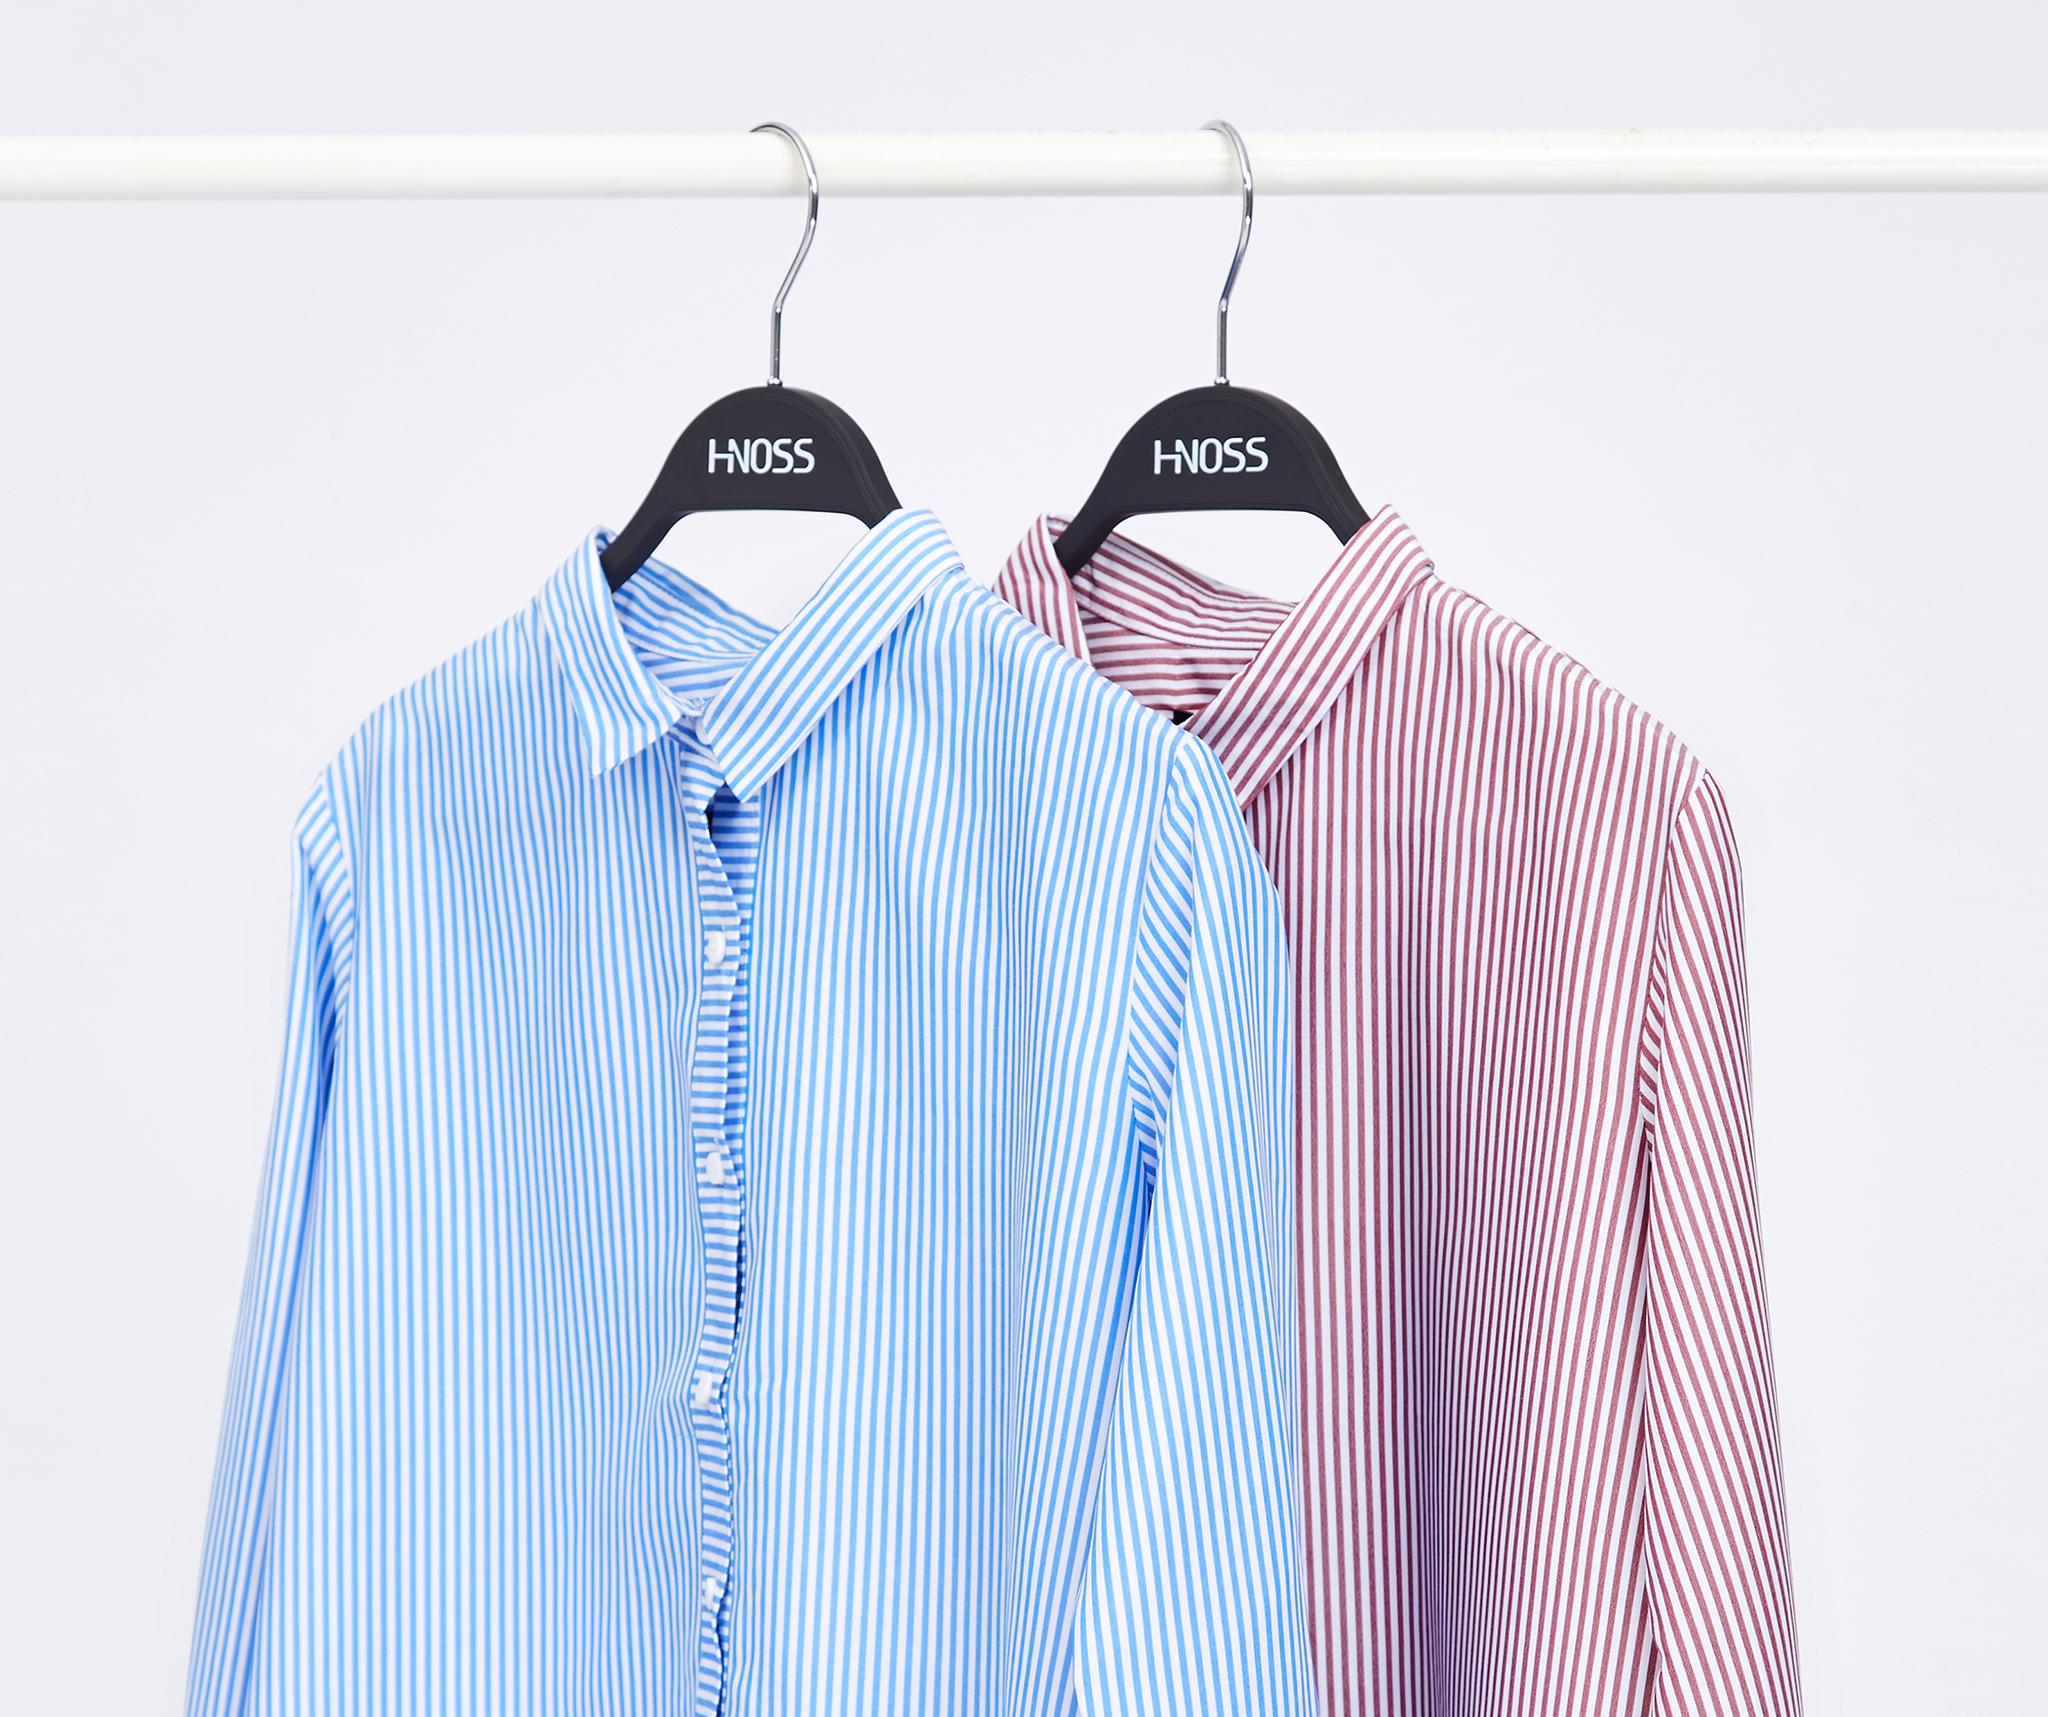 Nếu là Đàn ông, tủ quần áo của bạn sẽ có giá bao nhiêu?